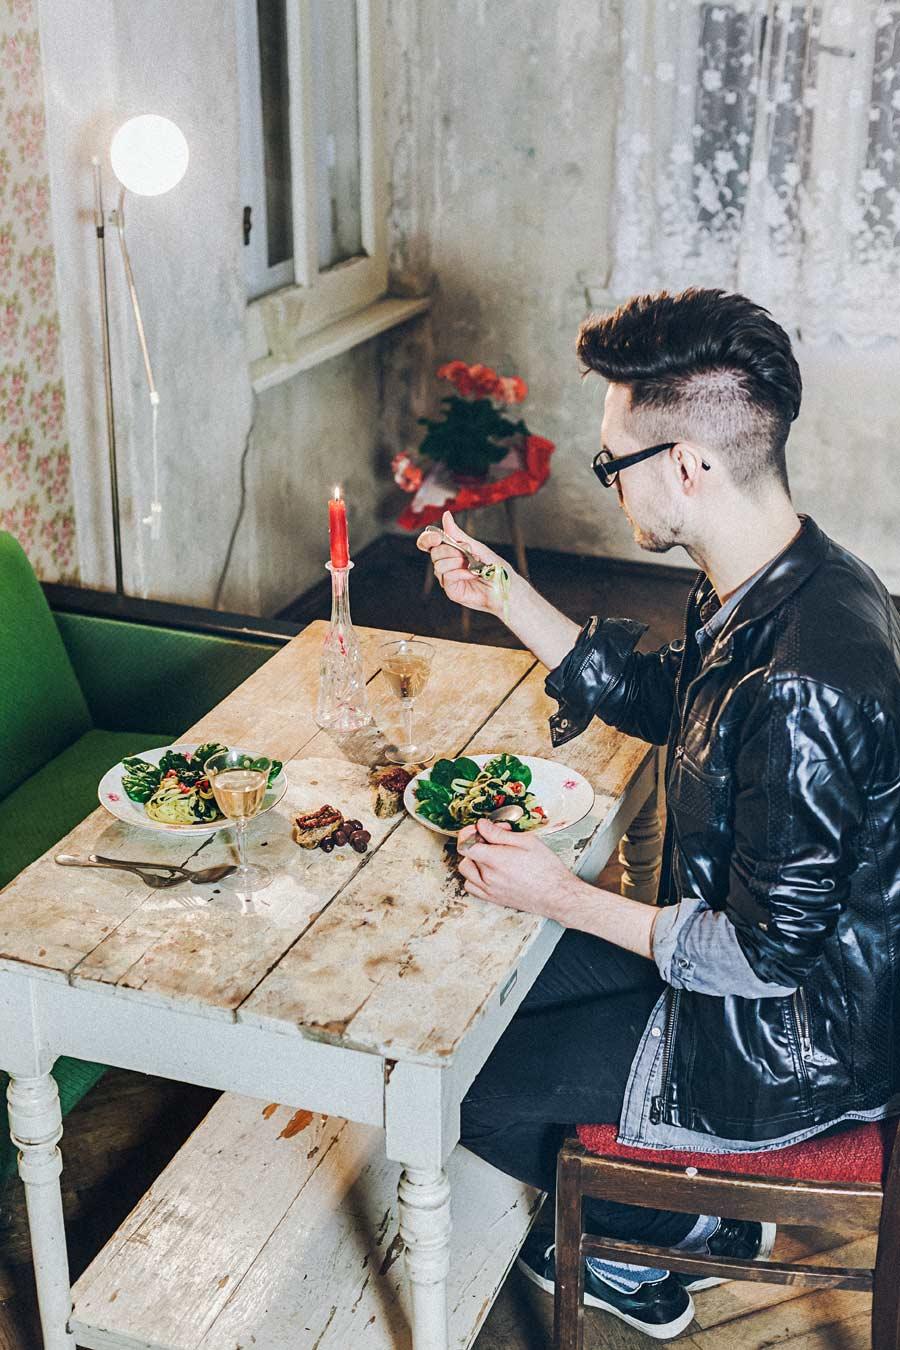 Foodfotografie Antje Kröger